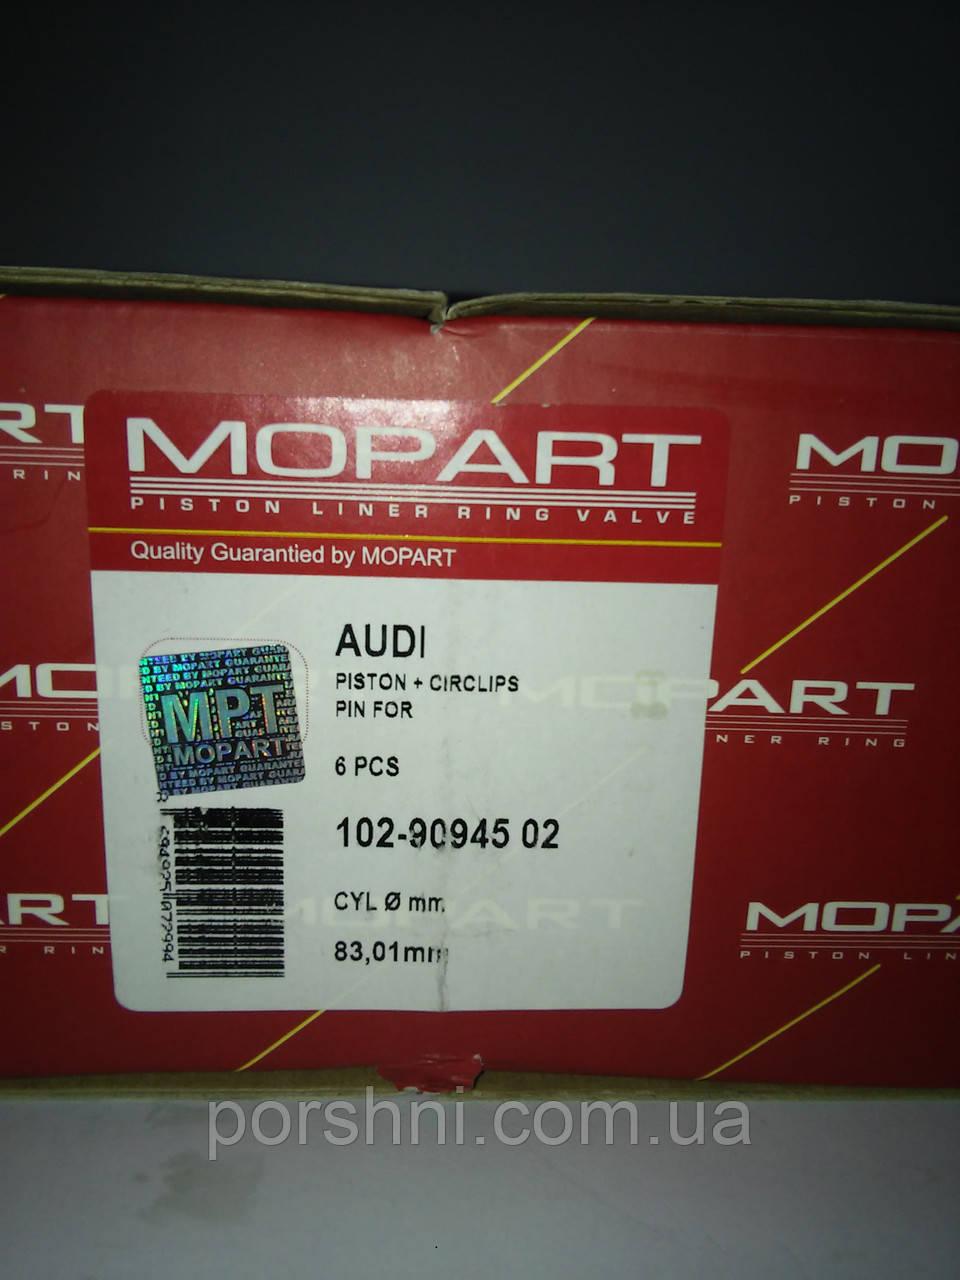 Поршни  AUDI  2.8 V 6 95 -- ( 1.2 х 1.5 х 2 )  диам 83  мотор ACK